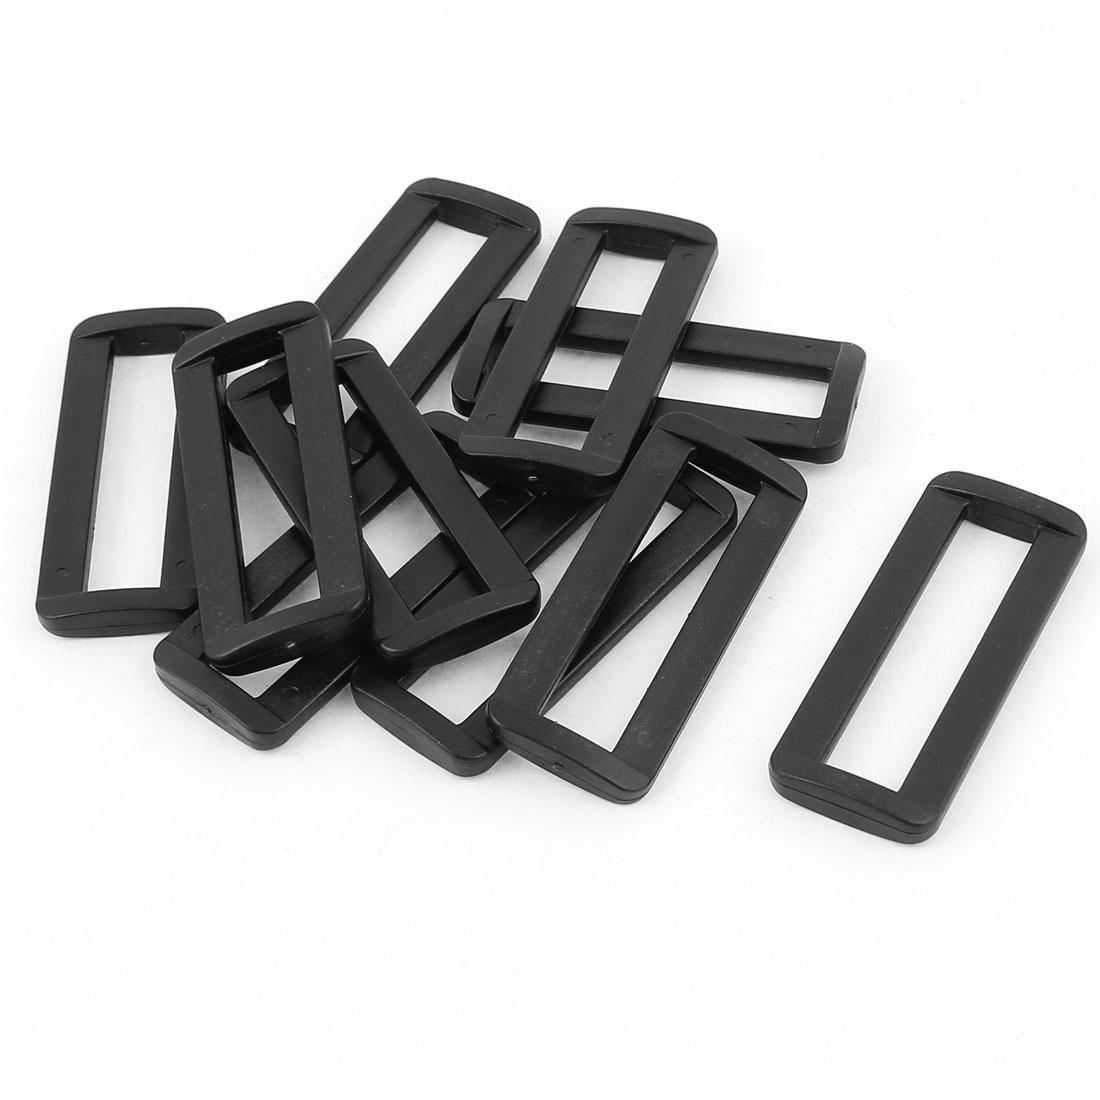 10 Pcs Black Plastic Bag Bar Slides Buckles for 50mm Webbing Strap